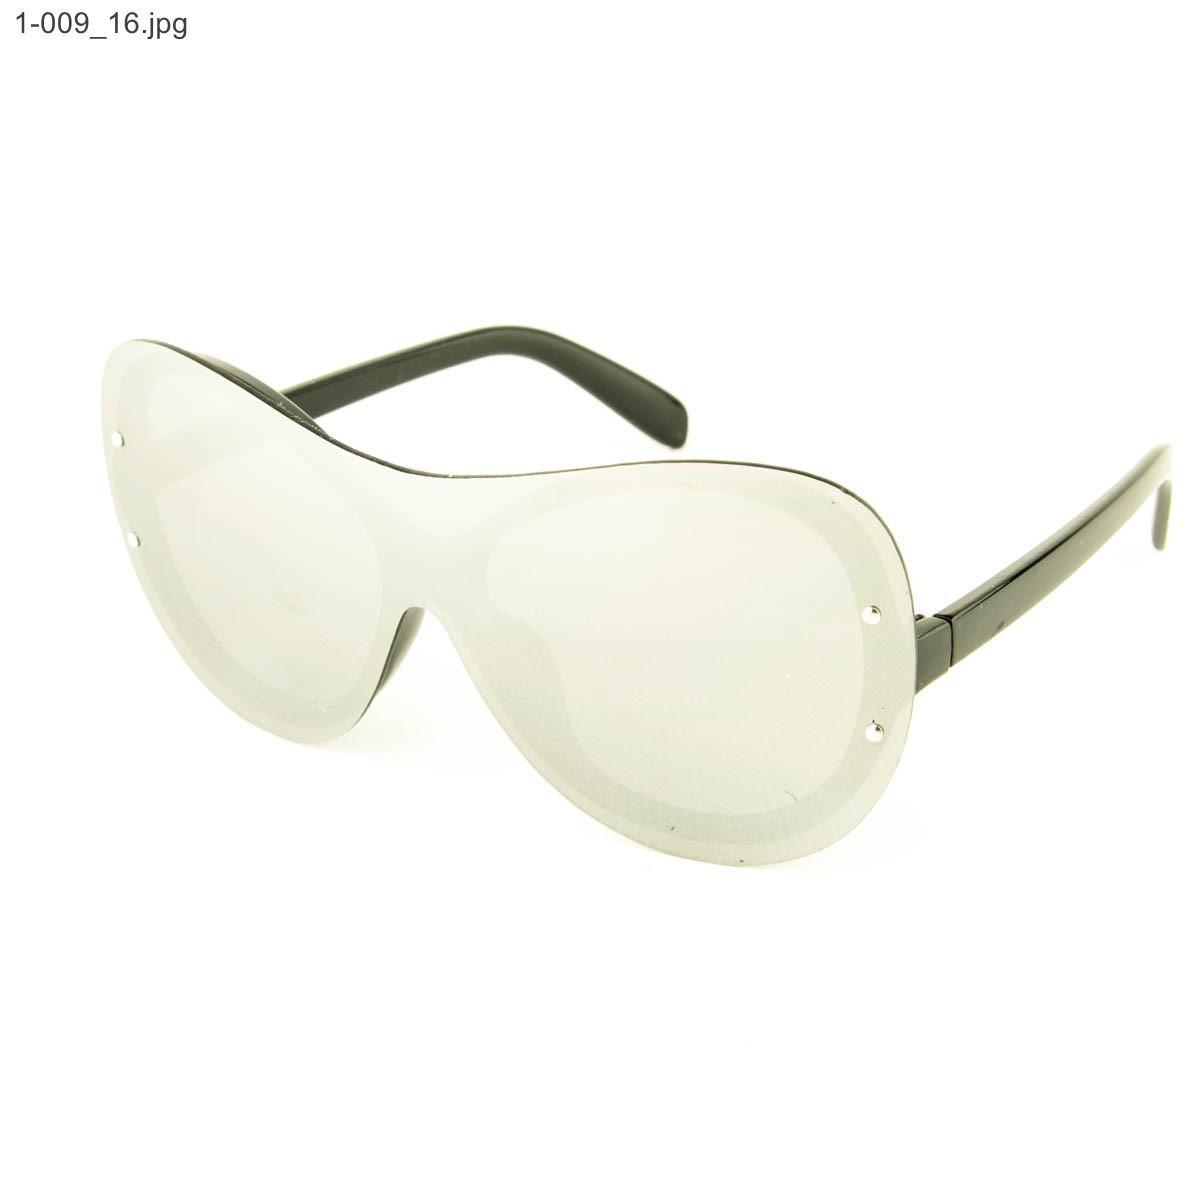 Оптом качественные стильные солнцезащитные очки - Чёрные с зеркальной линзой - 1-009